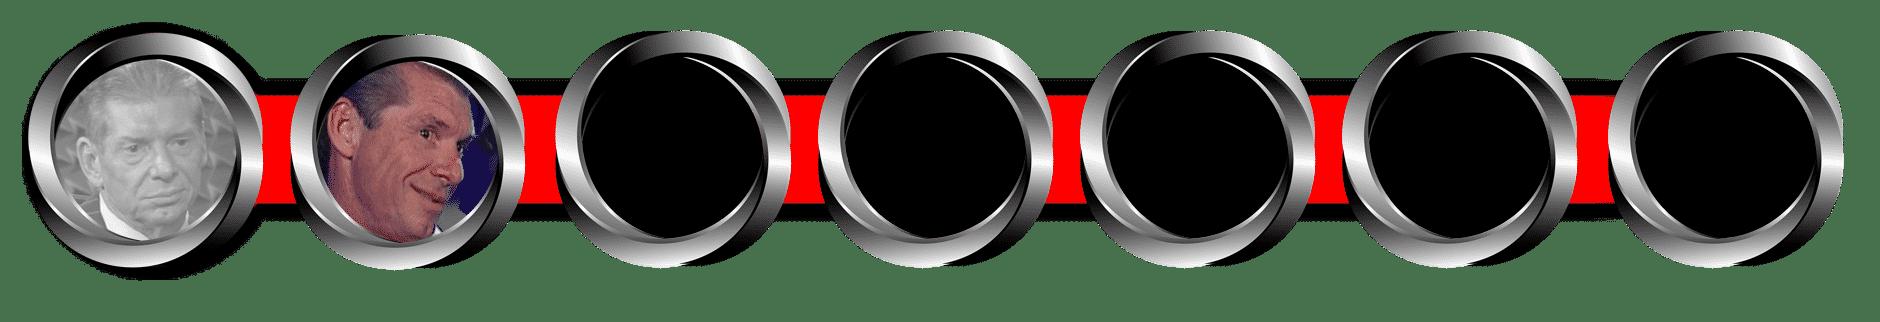 Vince'ometro: los ex WWE que firmaron con AEW 4